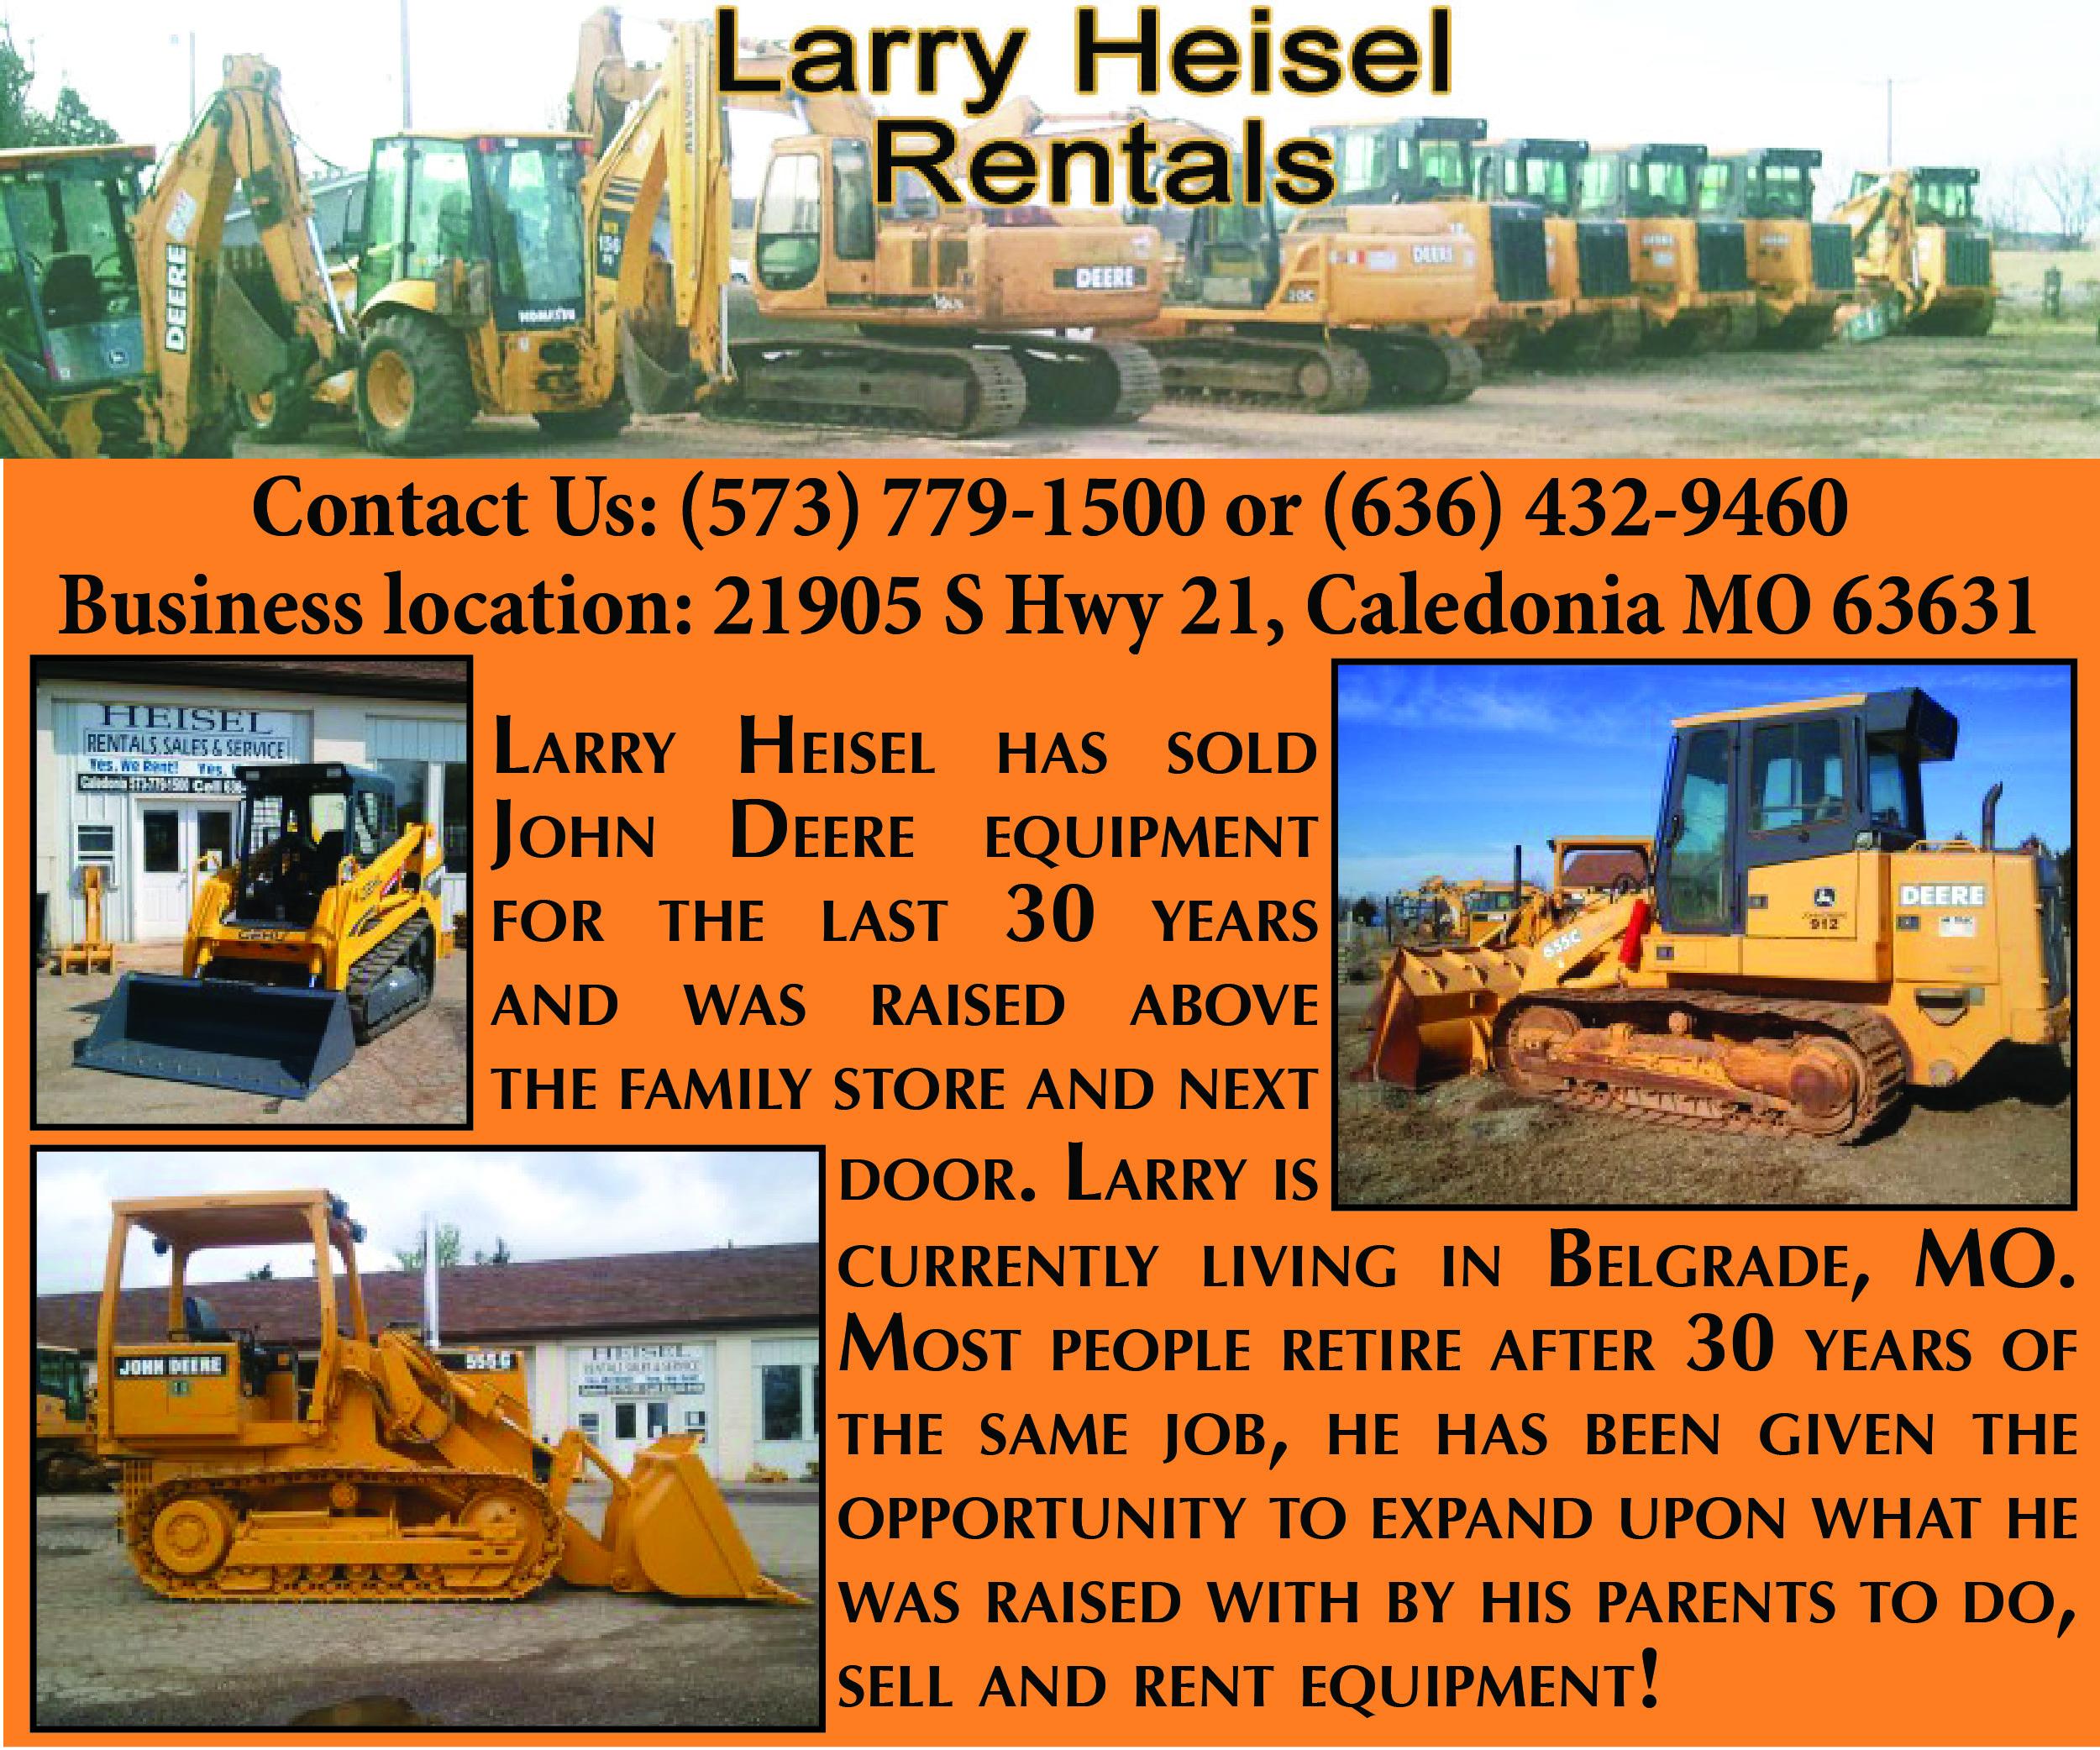 Larry Heisel Rentals